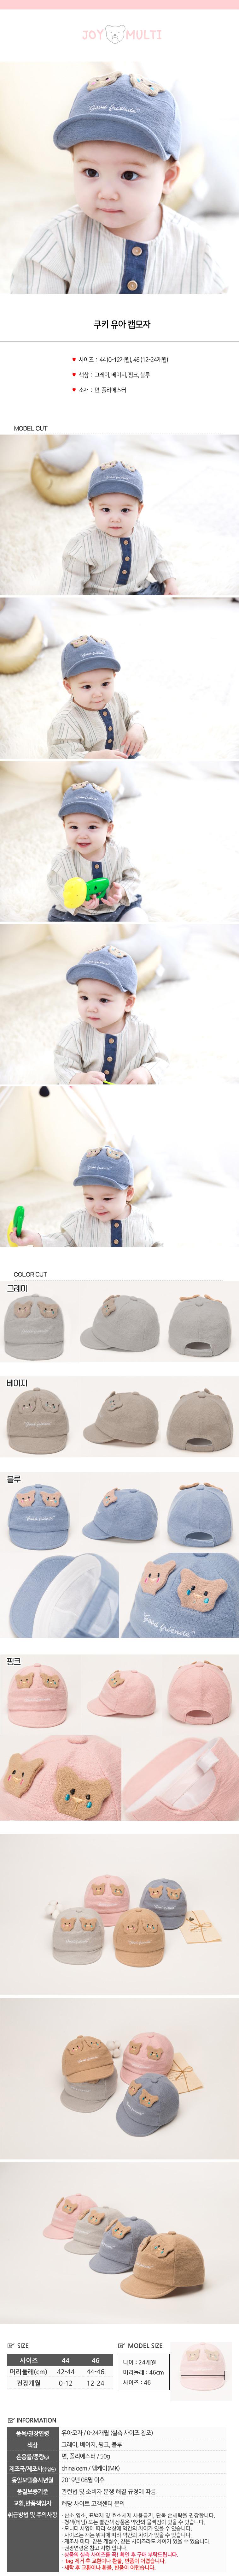 쿠키 유아 캡모자(44-46cm) 509322 - 조이멀티, 13,500원, 시즌/이벤트의류잡화, 모자/목도리